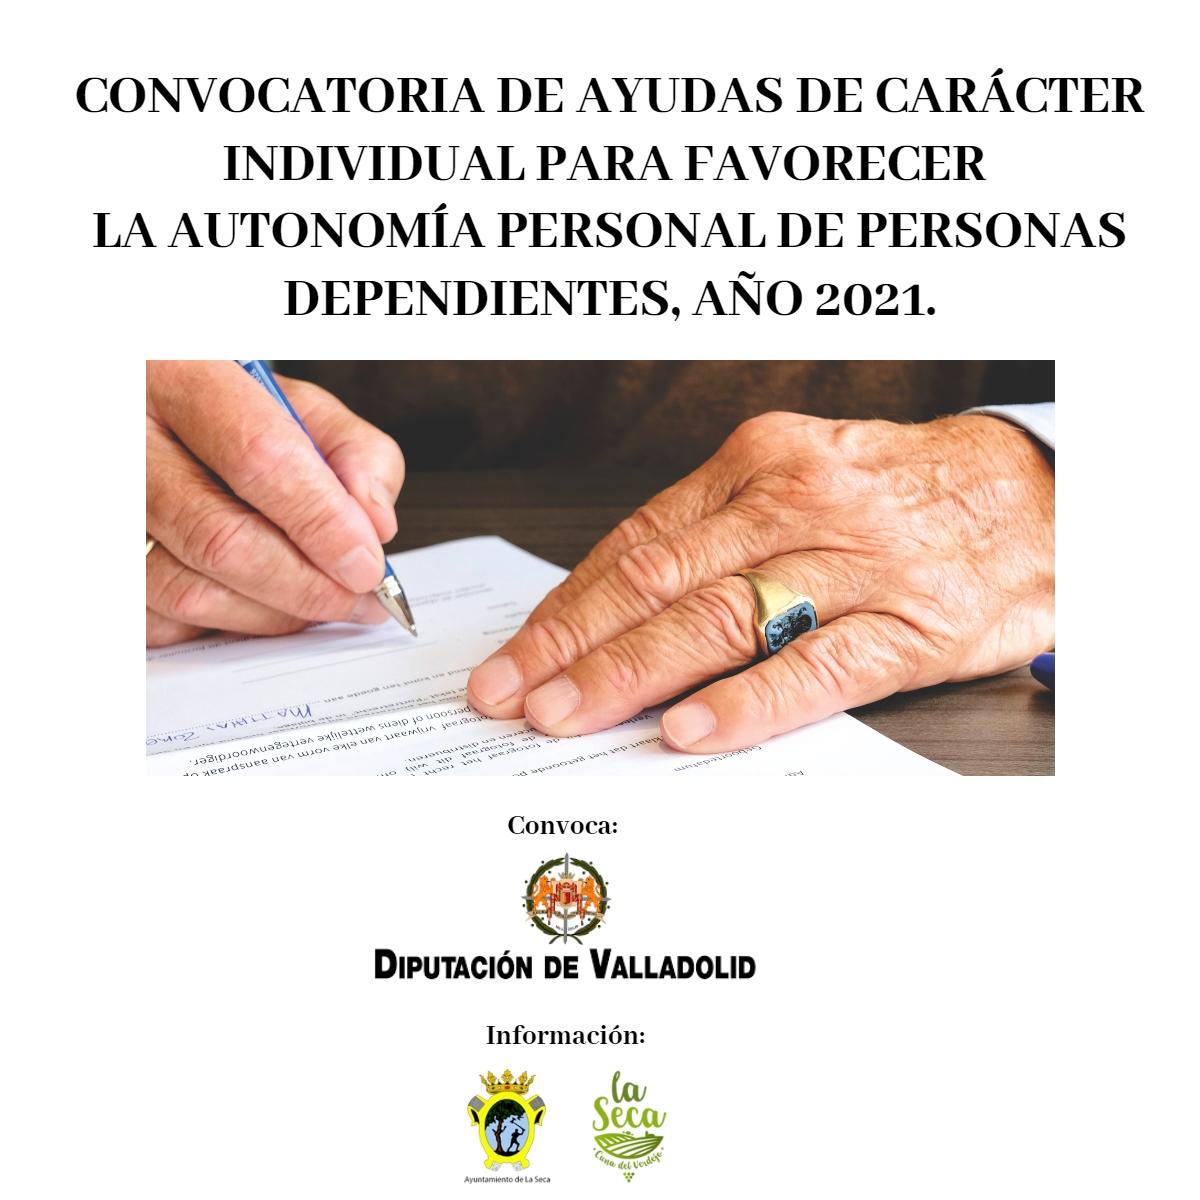 CONVOCATORIA DE AYUDAS DE CARÁCTER INDIVIDUAL PARA FAVORECER  LA AUTONOMÍA PERSONAL DE PERSONAS DEPENDIENTES, AÑO 2021.